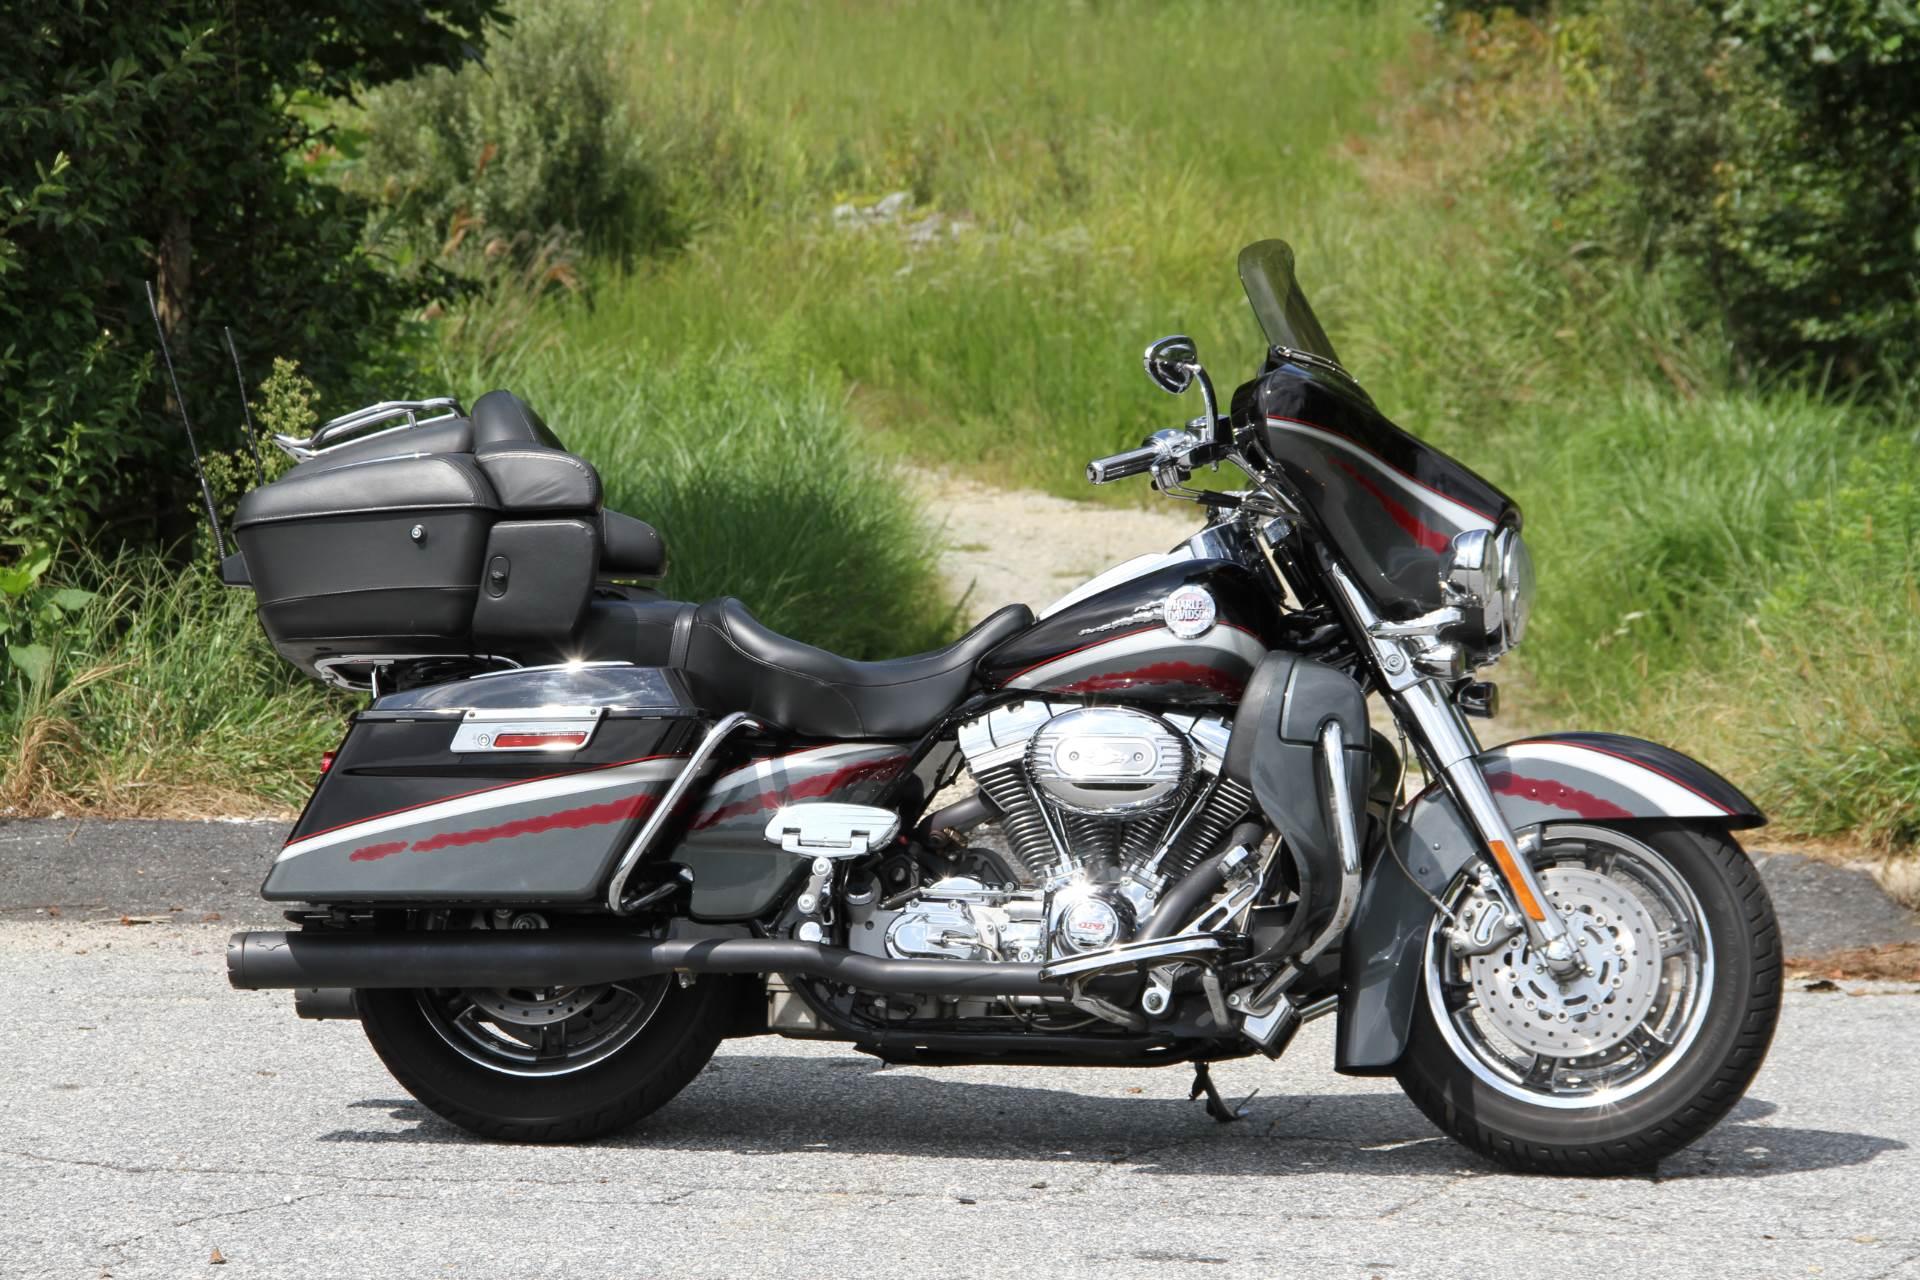 Used Harley Davidson Motorcycles North Carolina